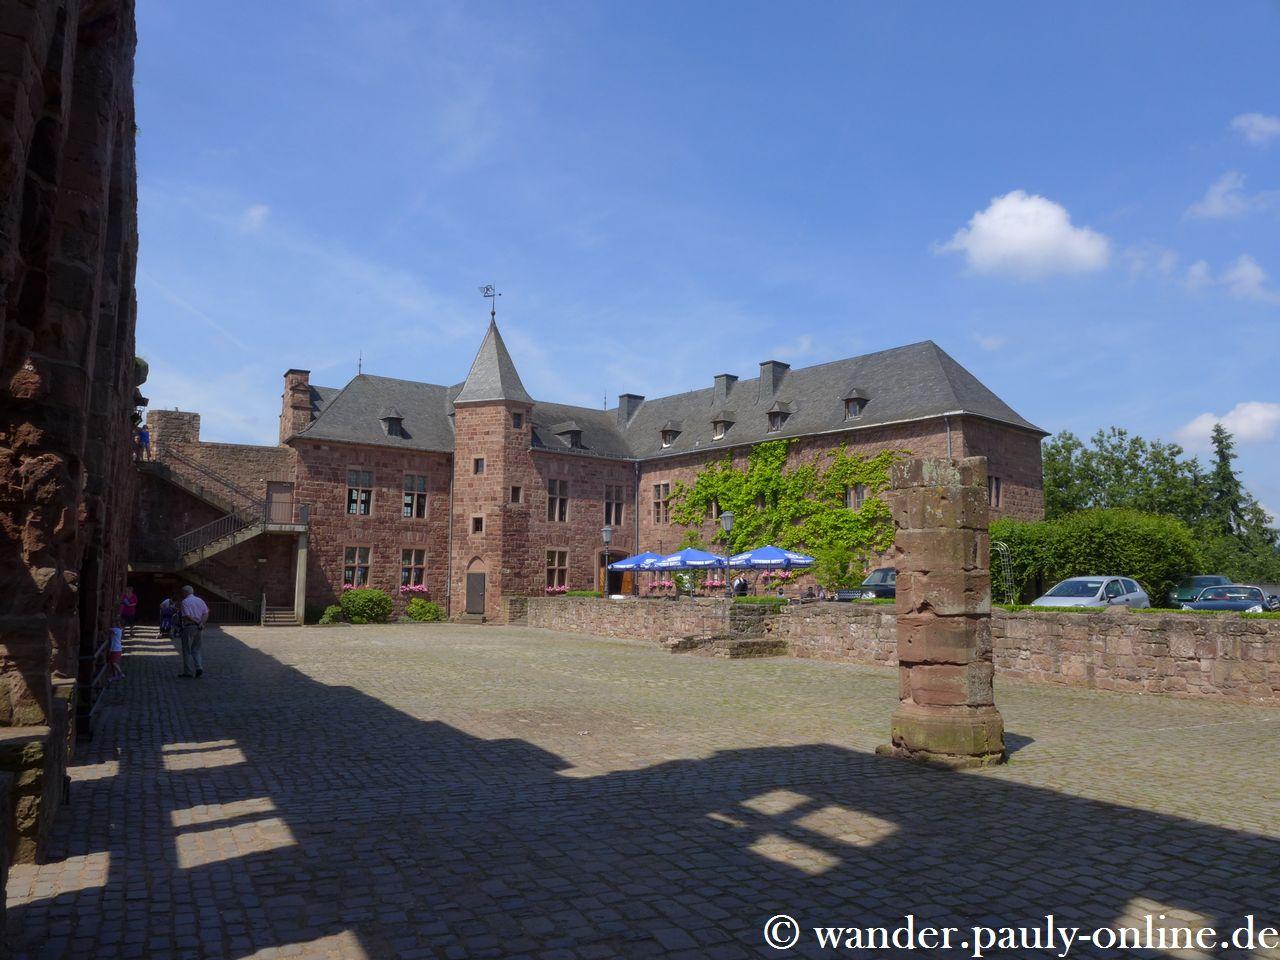 Von Abenden zur Burg Nideggen